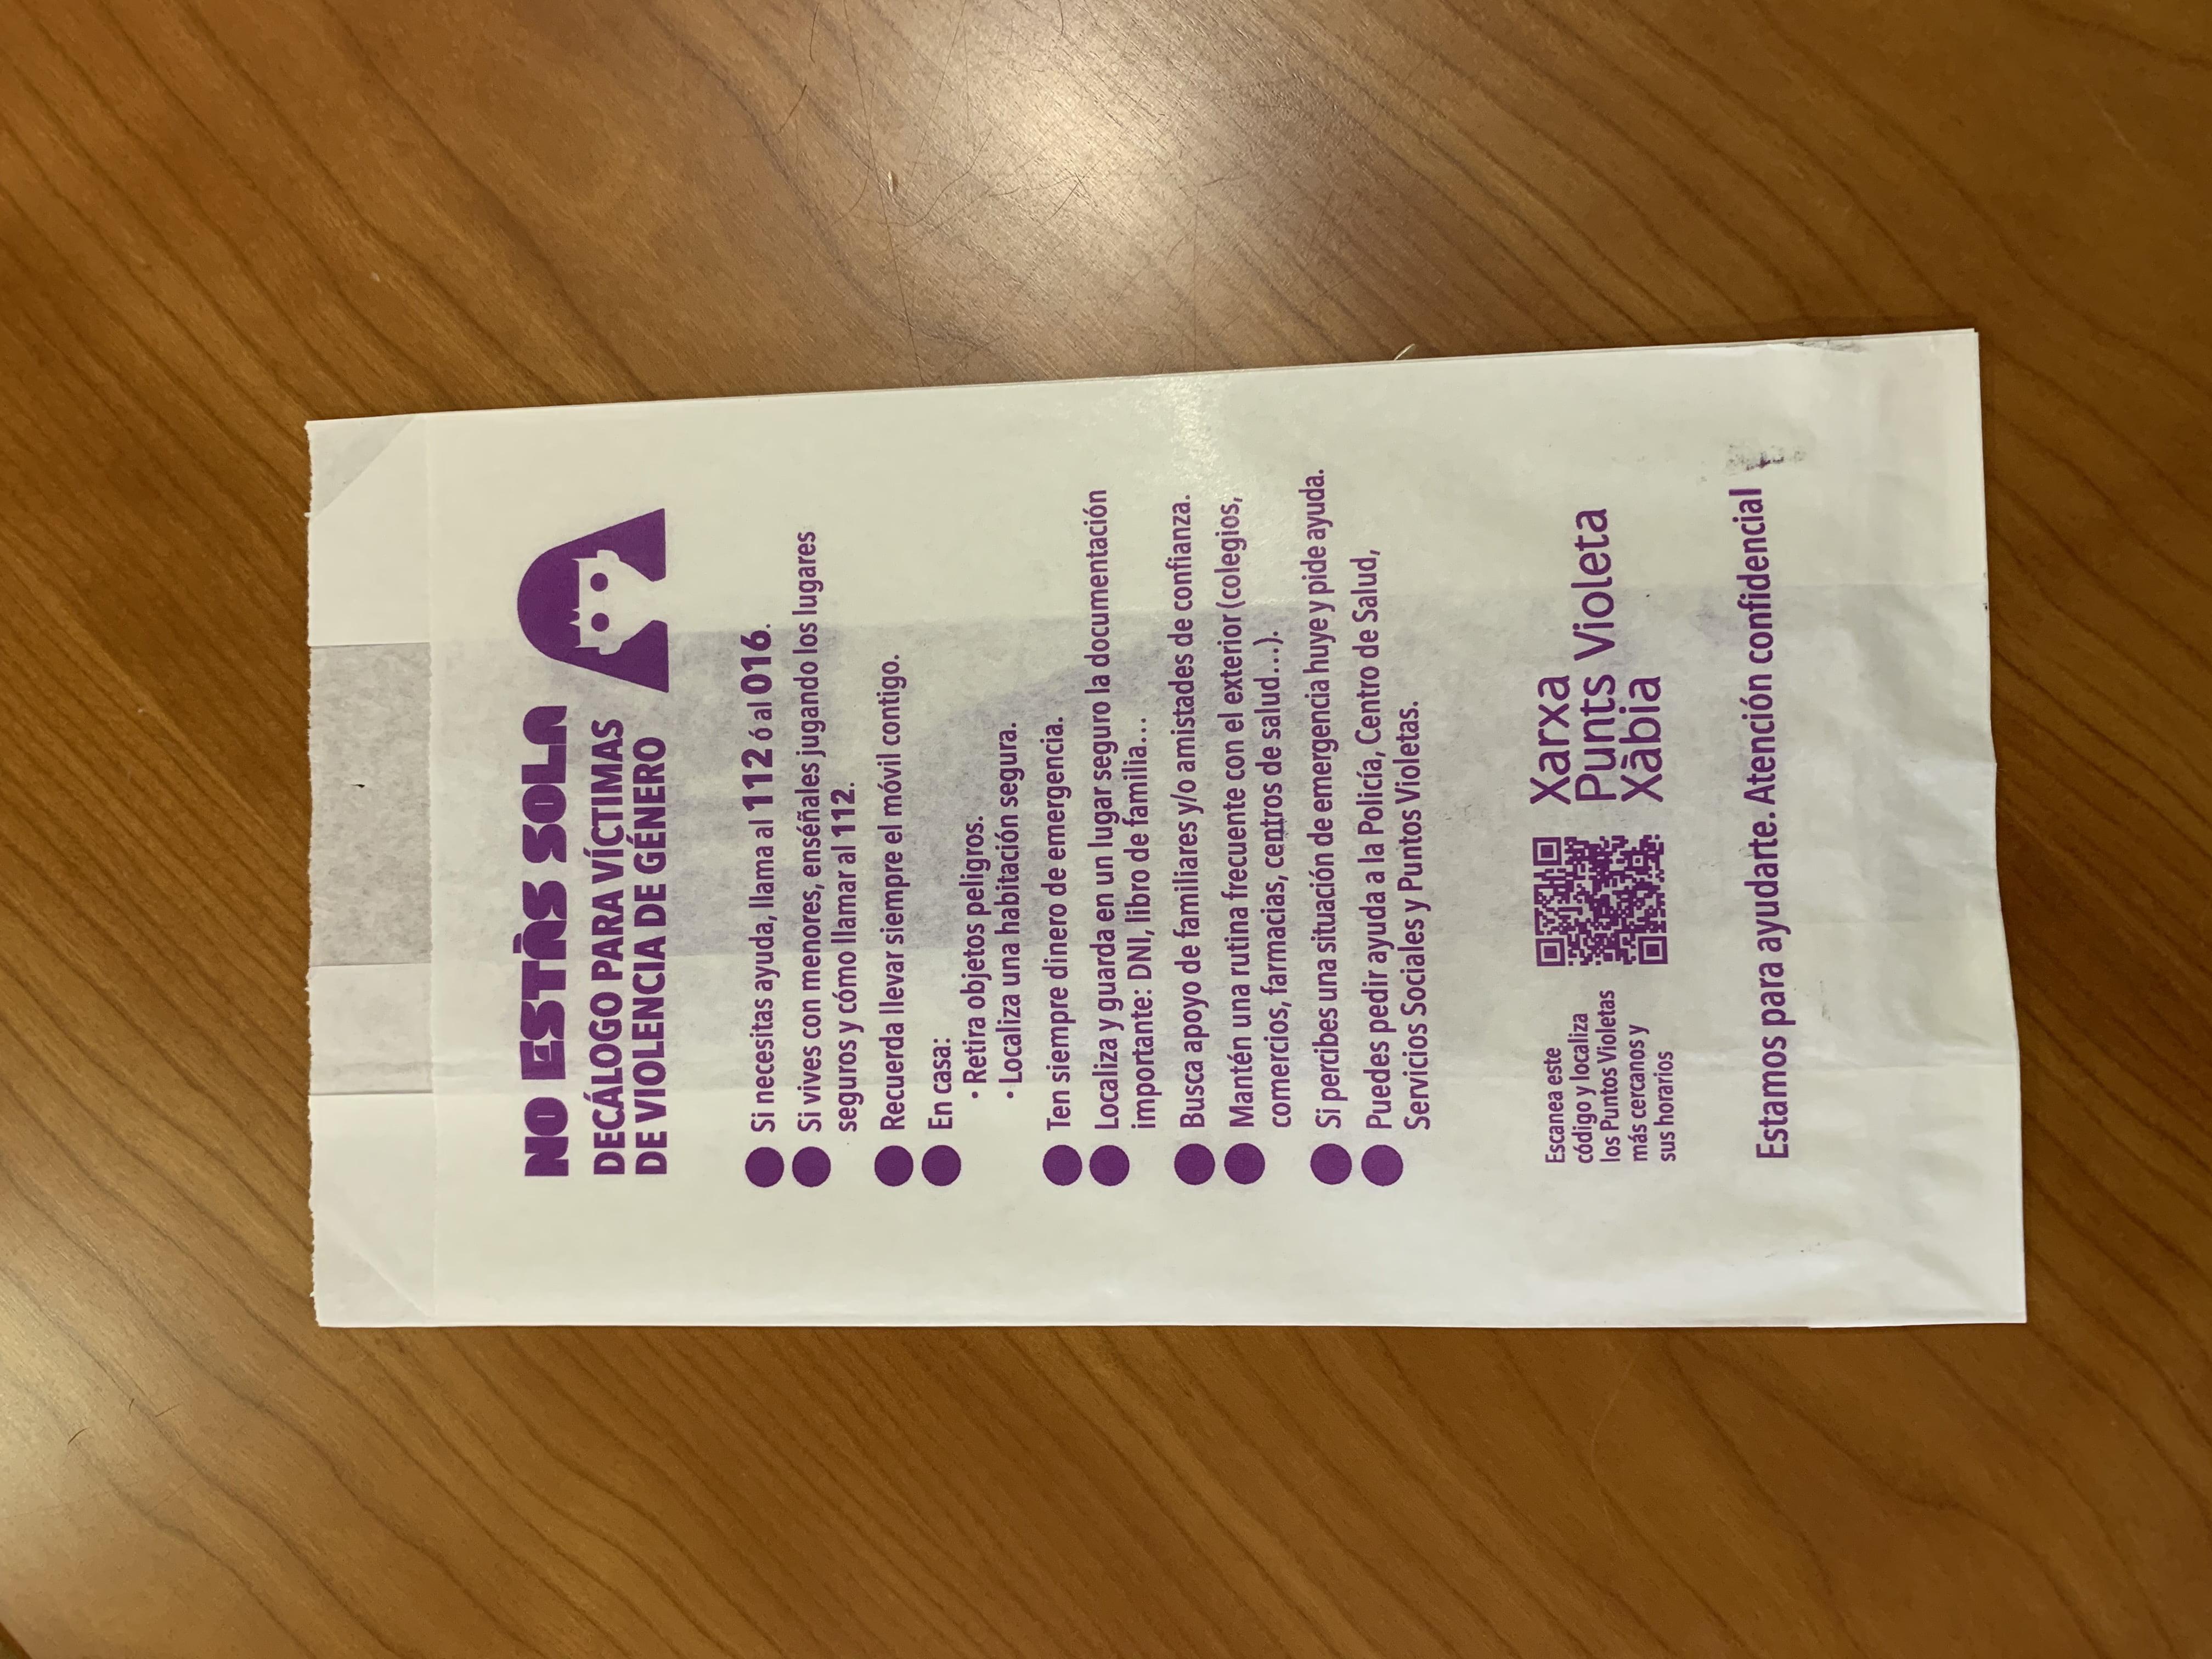 Bolsa de papel que se distribuirá en las farmacias